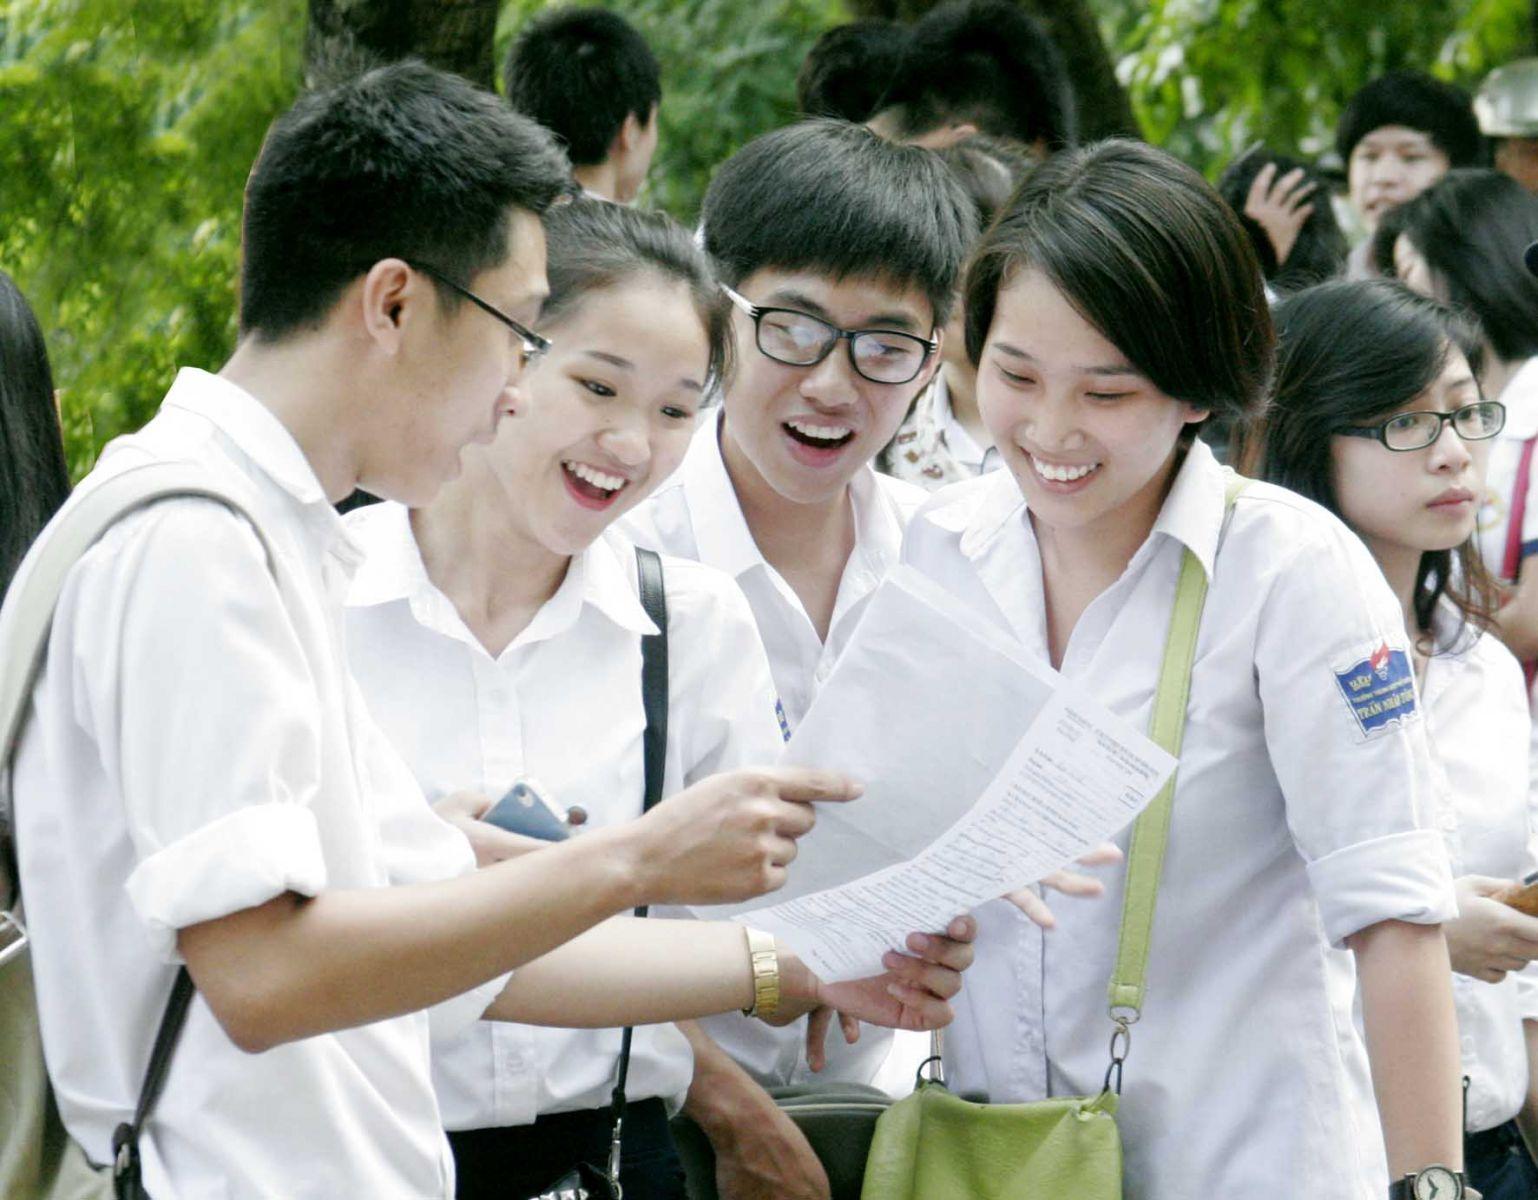 Lý do nhiều bạn trẻ chọn theo học ngành Điều dưỡng